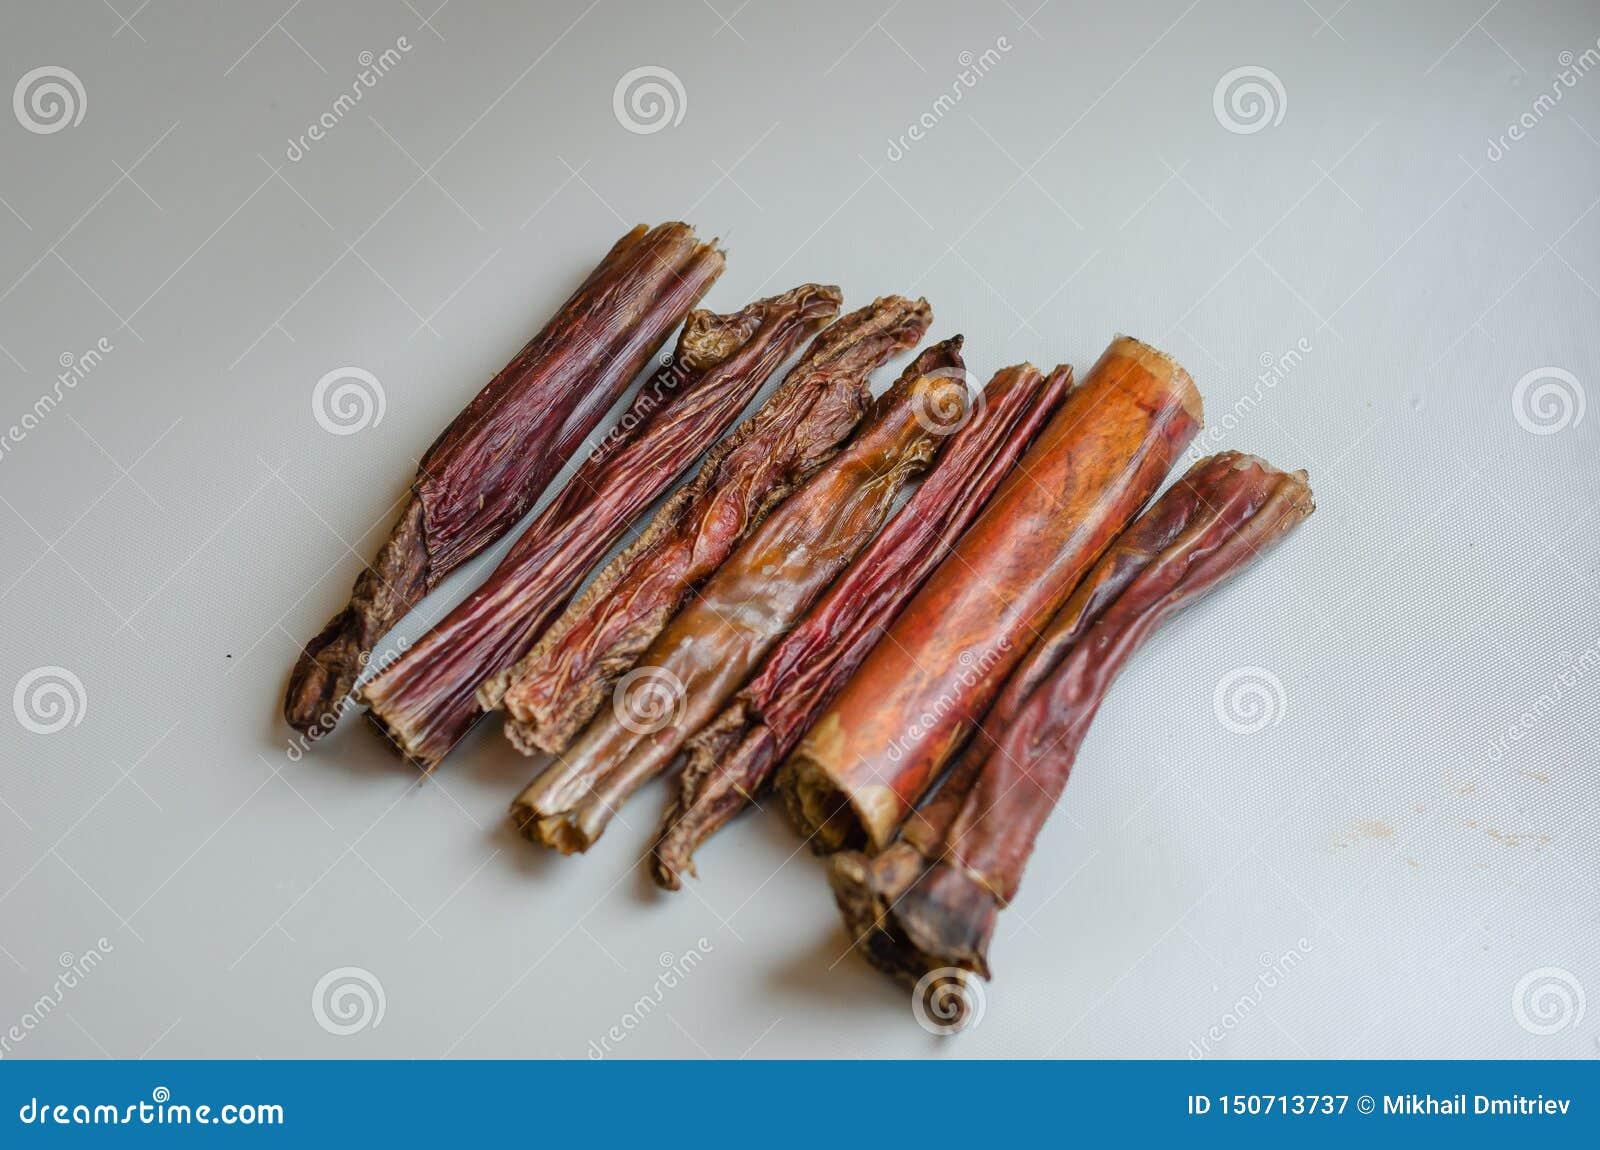 Μια μικρή χούφτα φοβερίζει τα ραβδιά σε ένα ελαφρύ υπόβαθρο Φυσικές απολαύσεις για τα σκυλιά Στεγνωμένος μασήστε Ξηρό βόειο κρέας